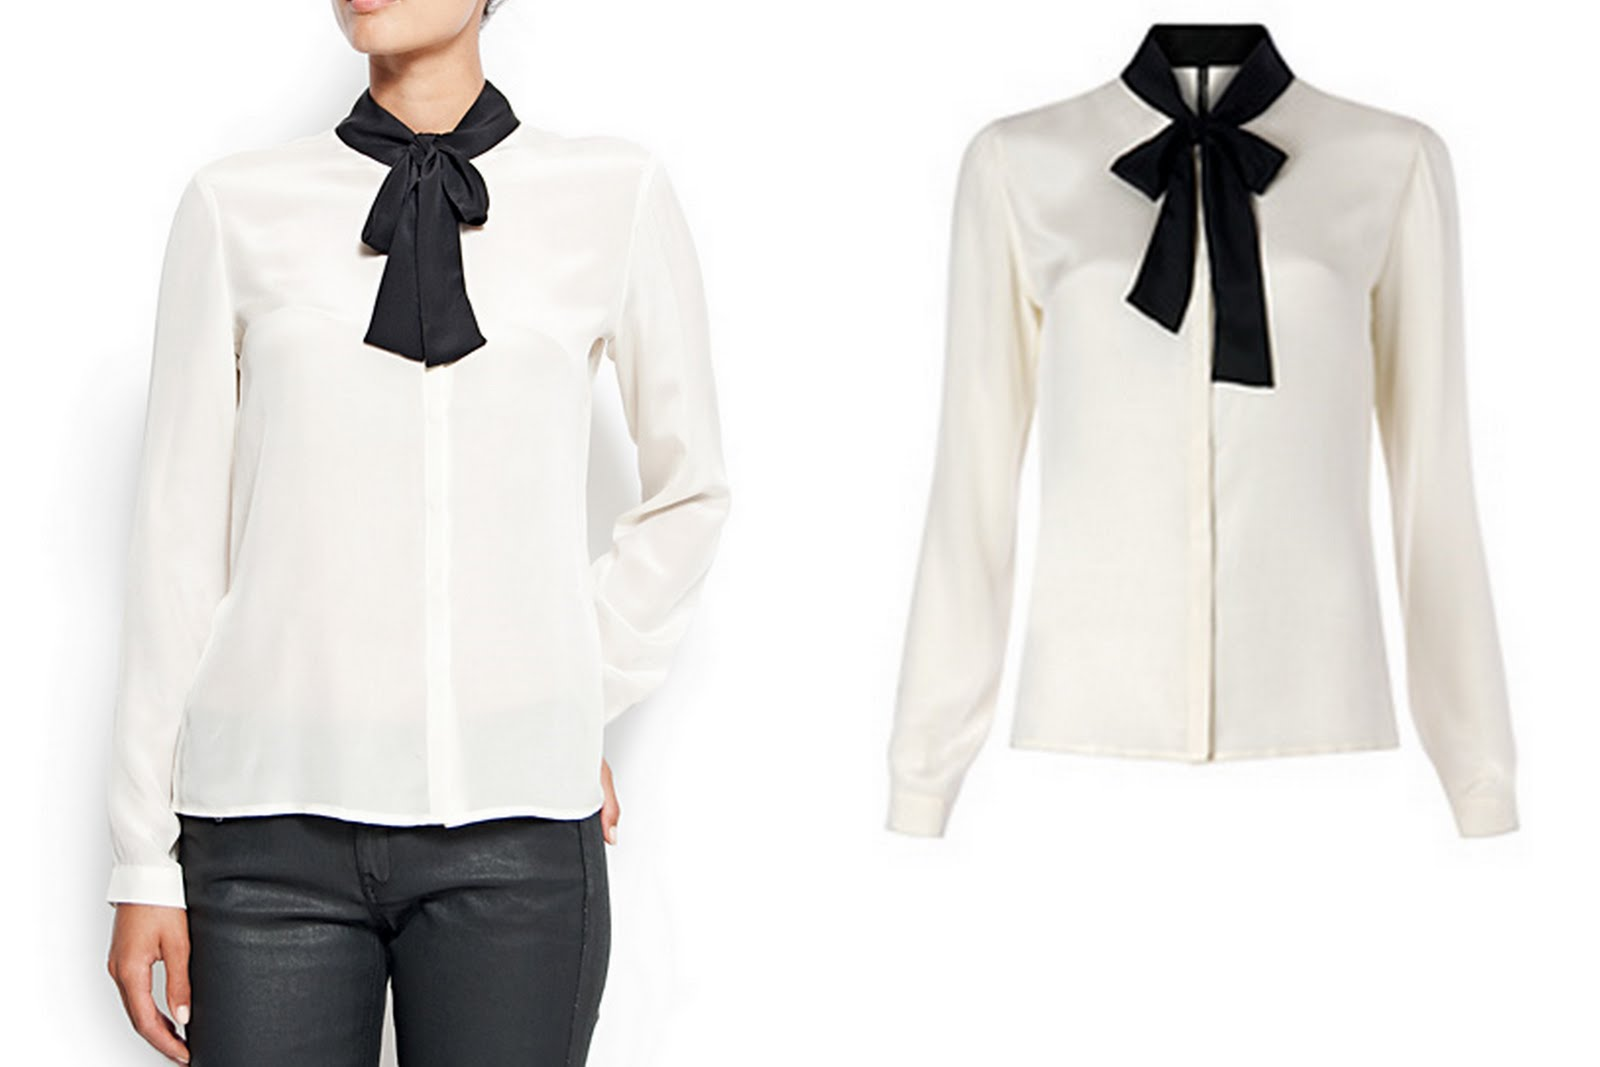 Blusas de fiestas: noviembre 2012